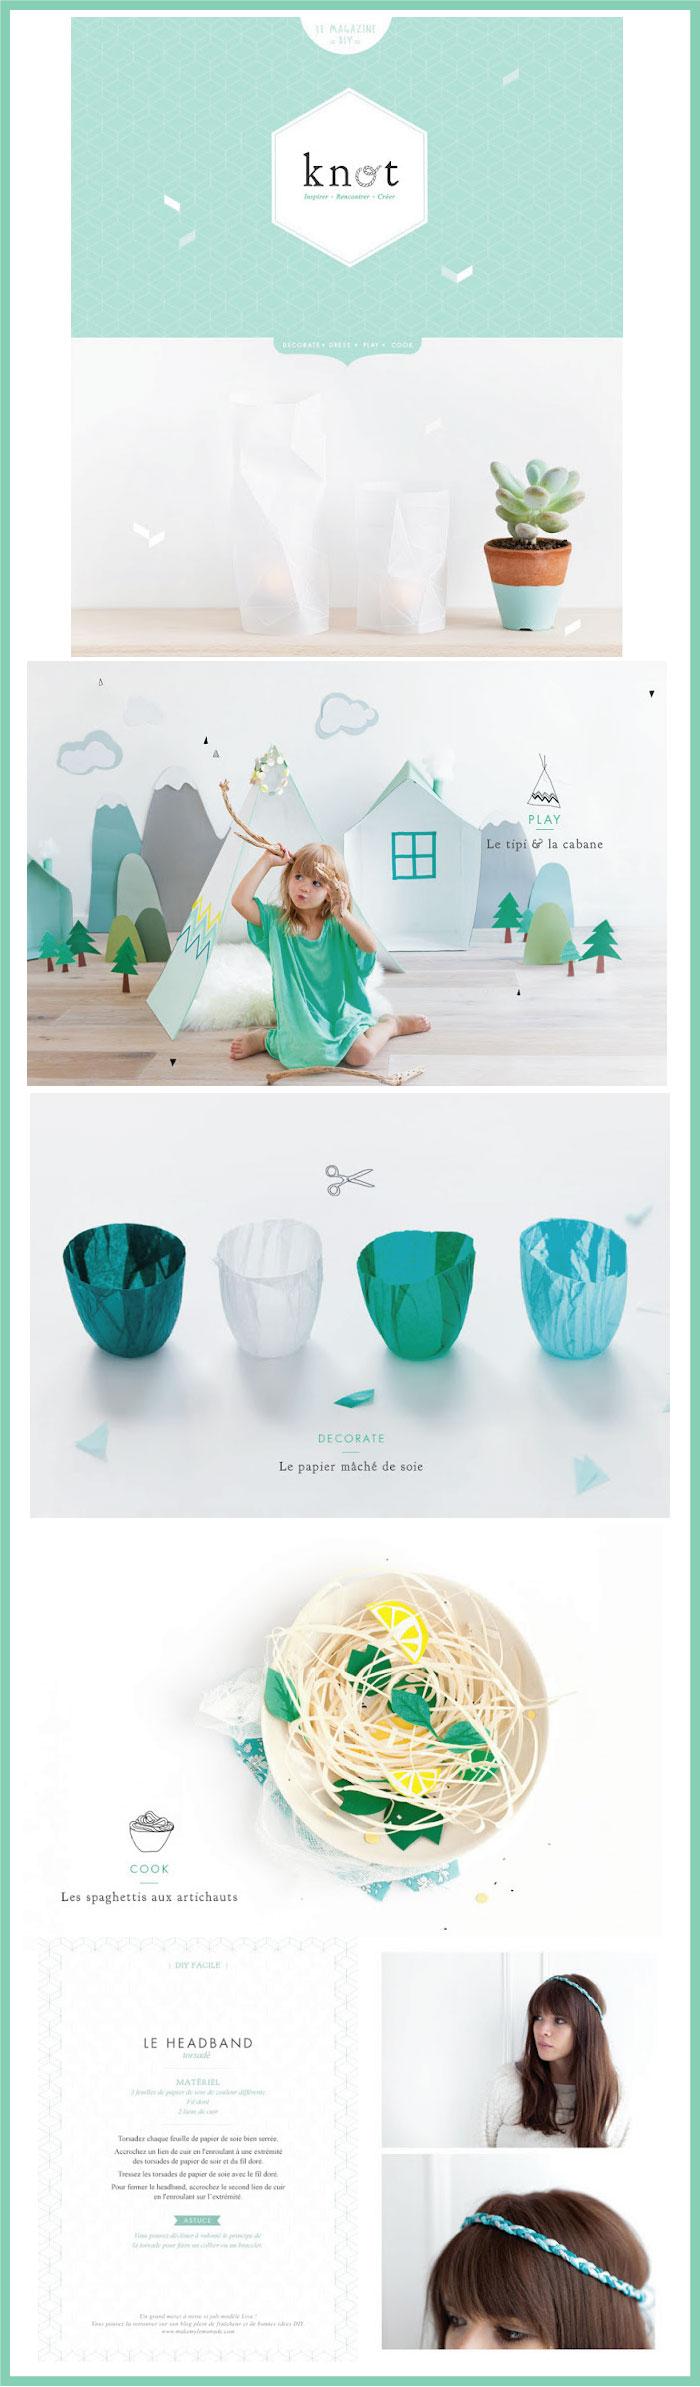 knot-le-nouveau-magazine-de DIY par chiara stella home